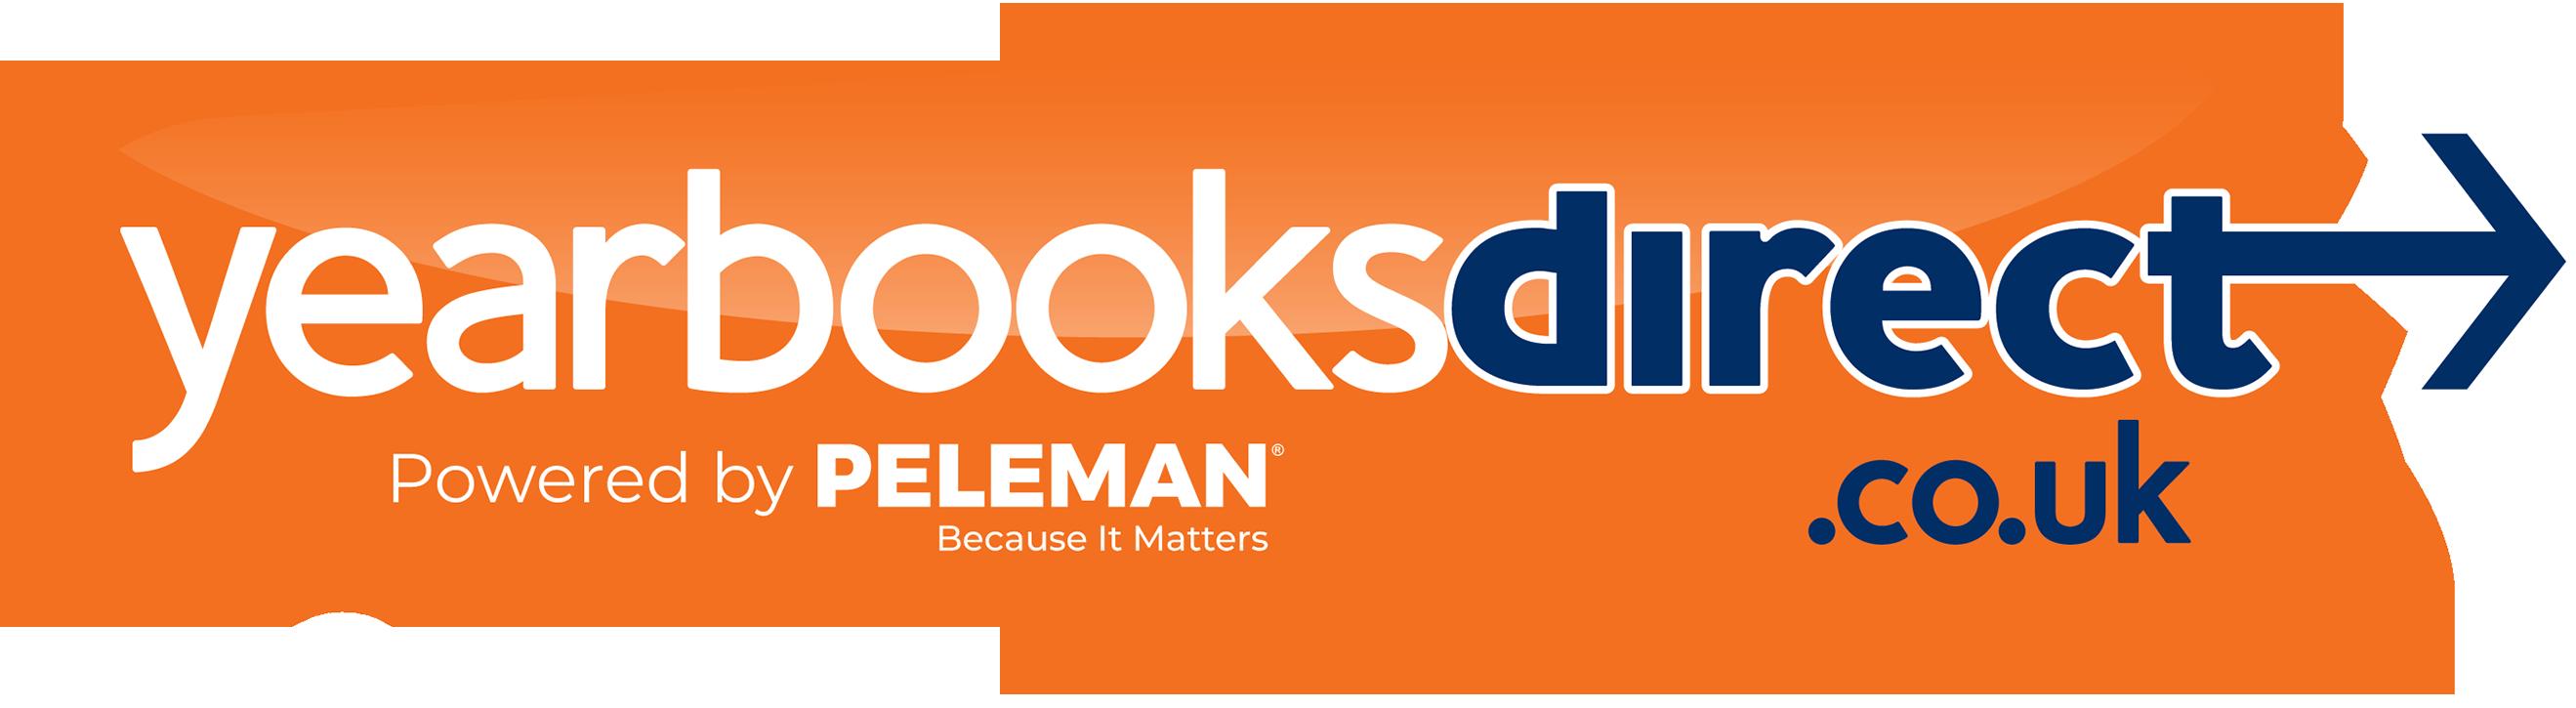 YearBooksDirect